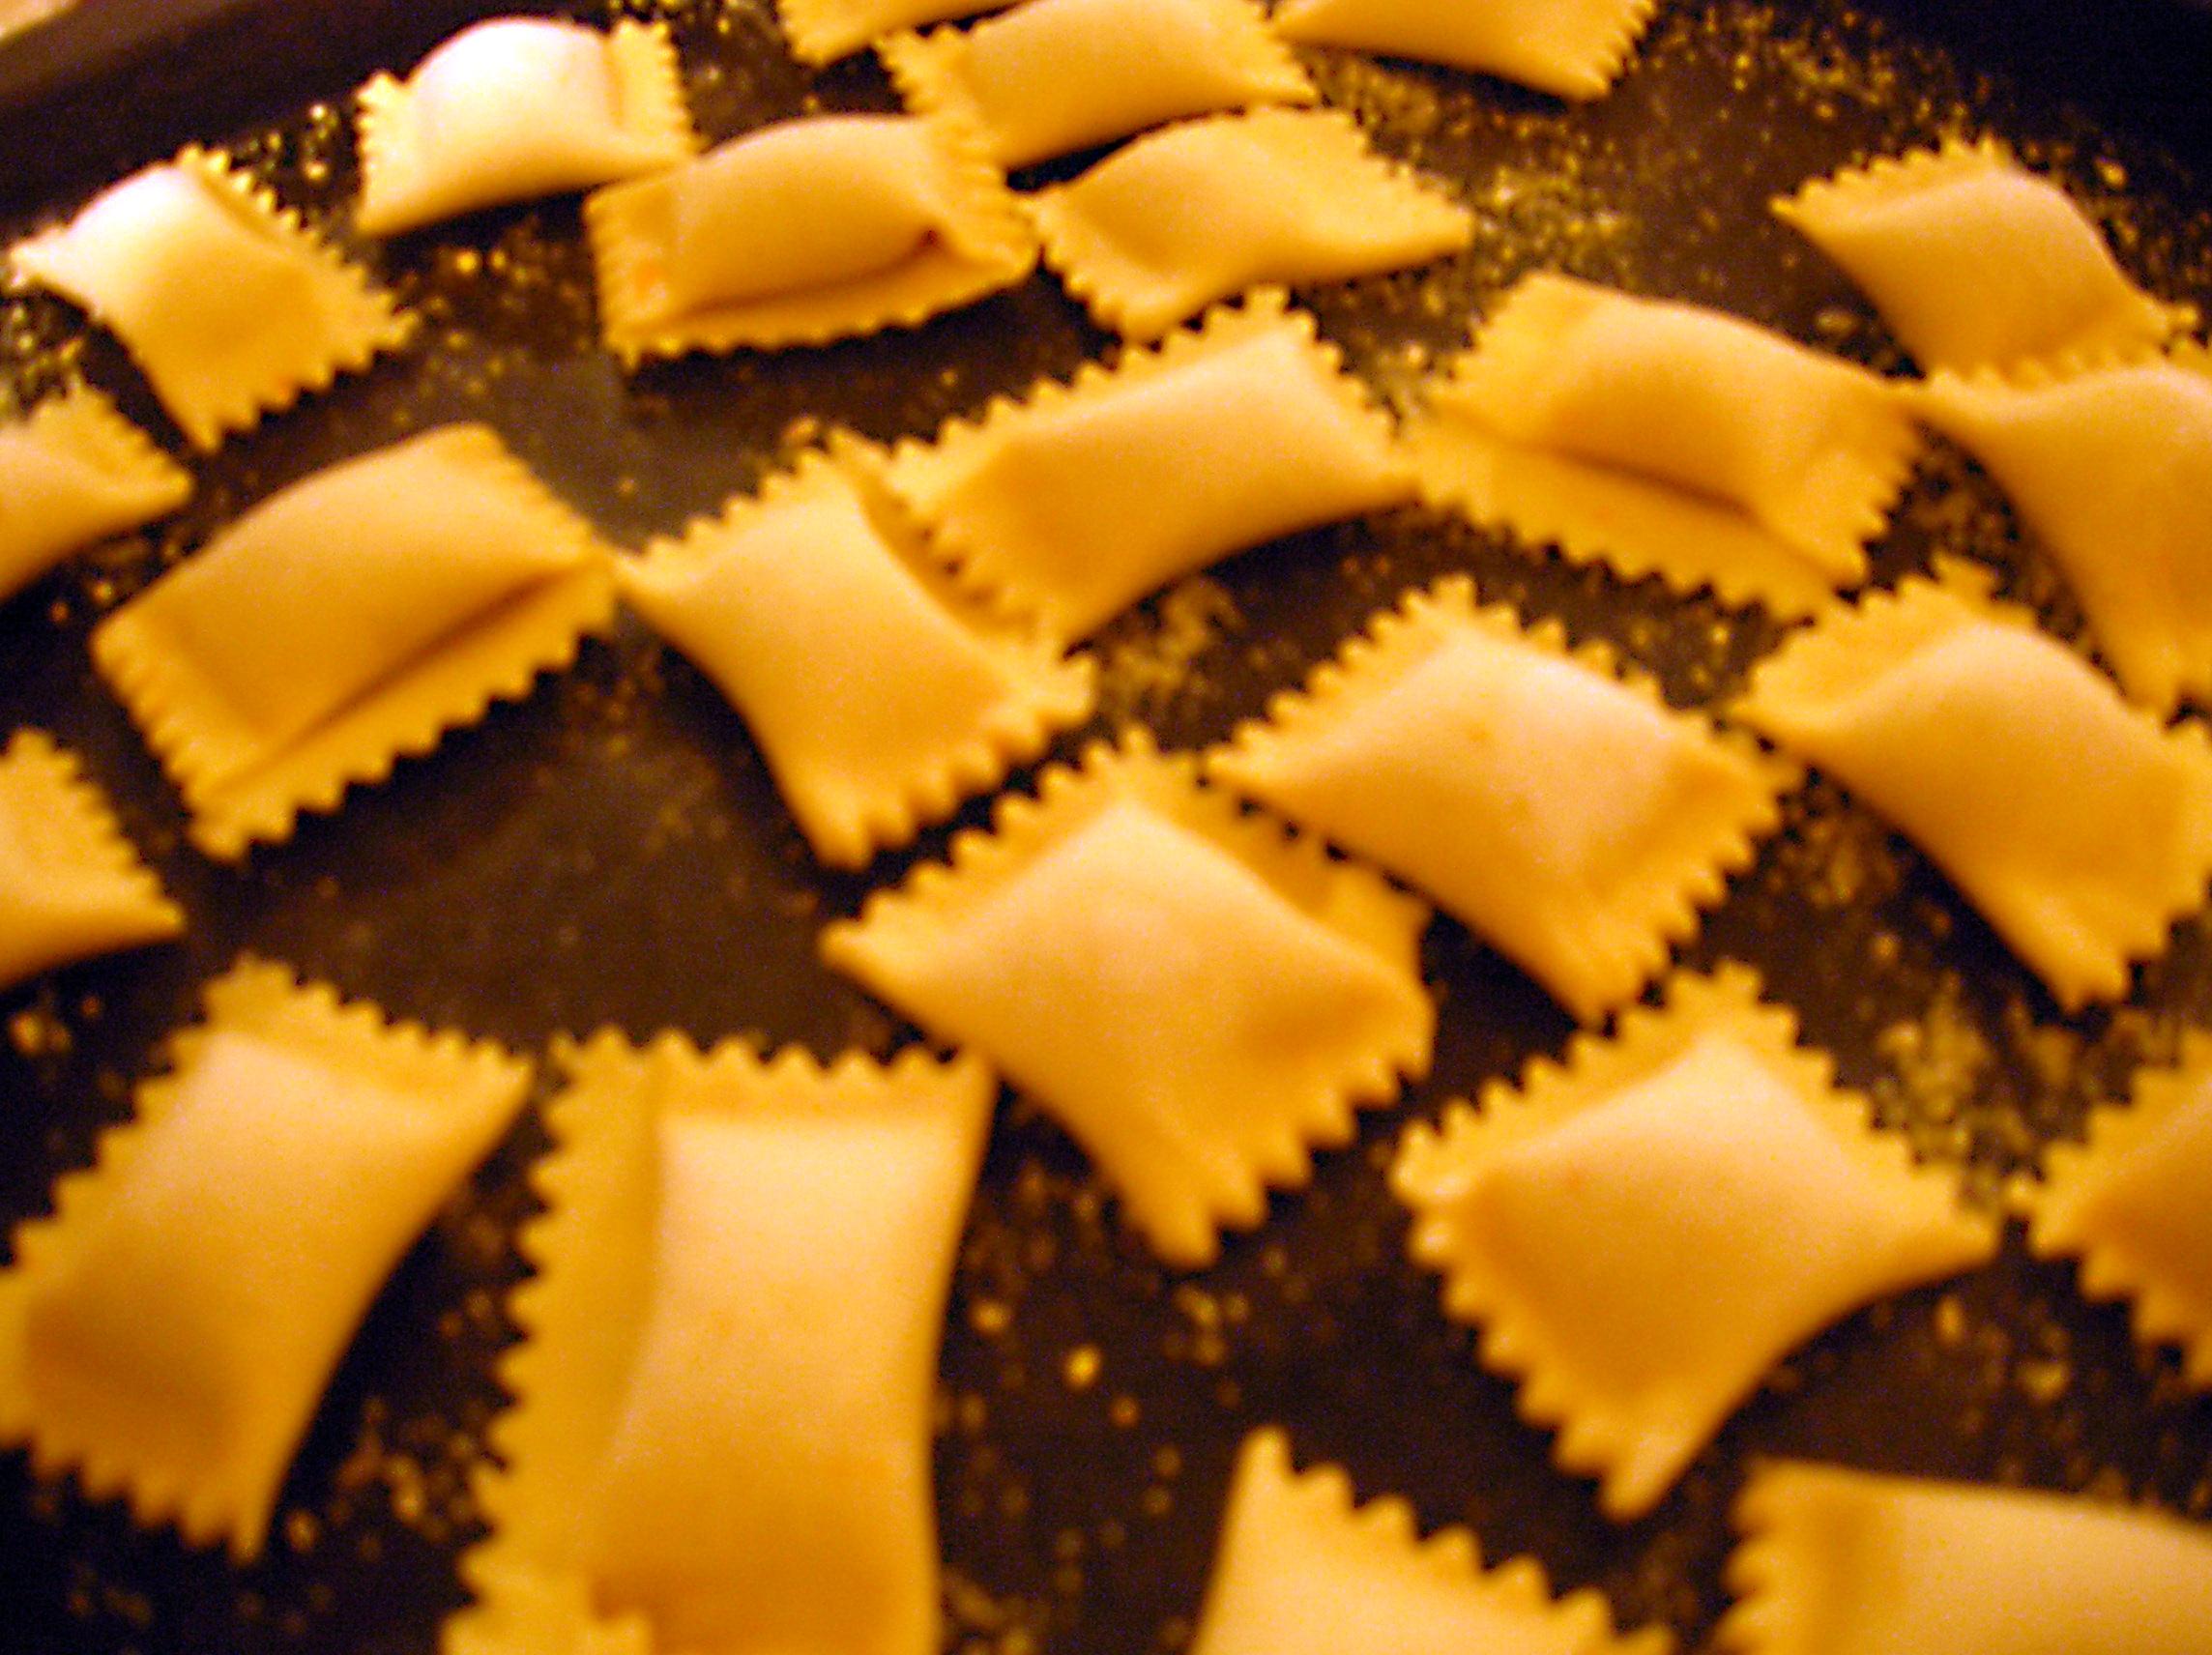 la cucina del piemonte - Cucina Piemontese Vigone